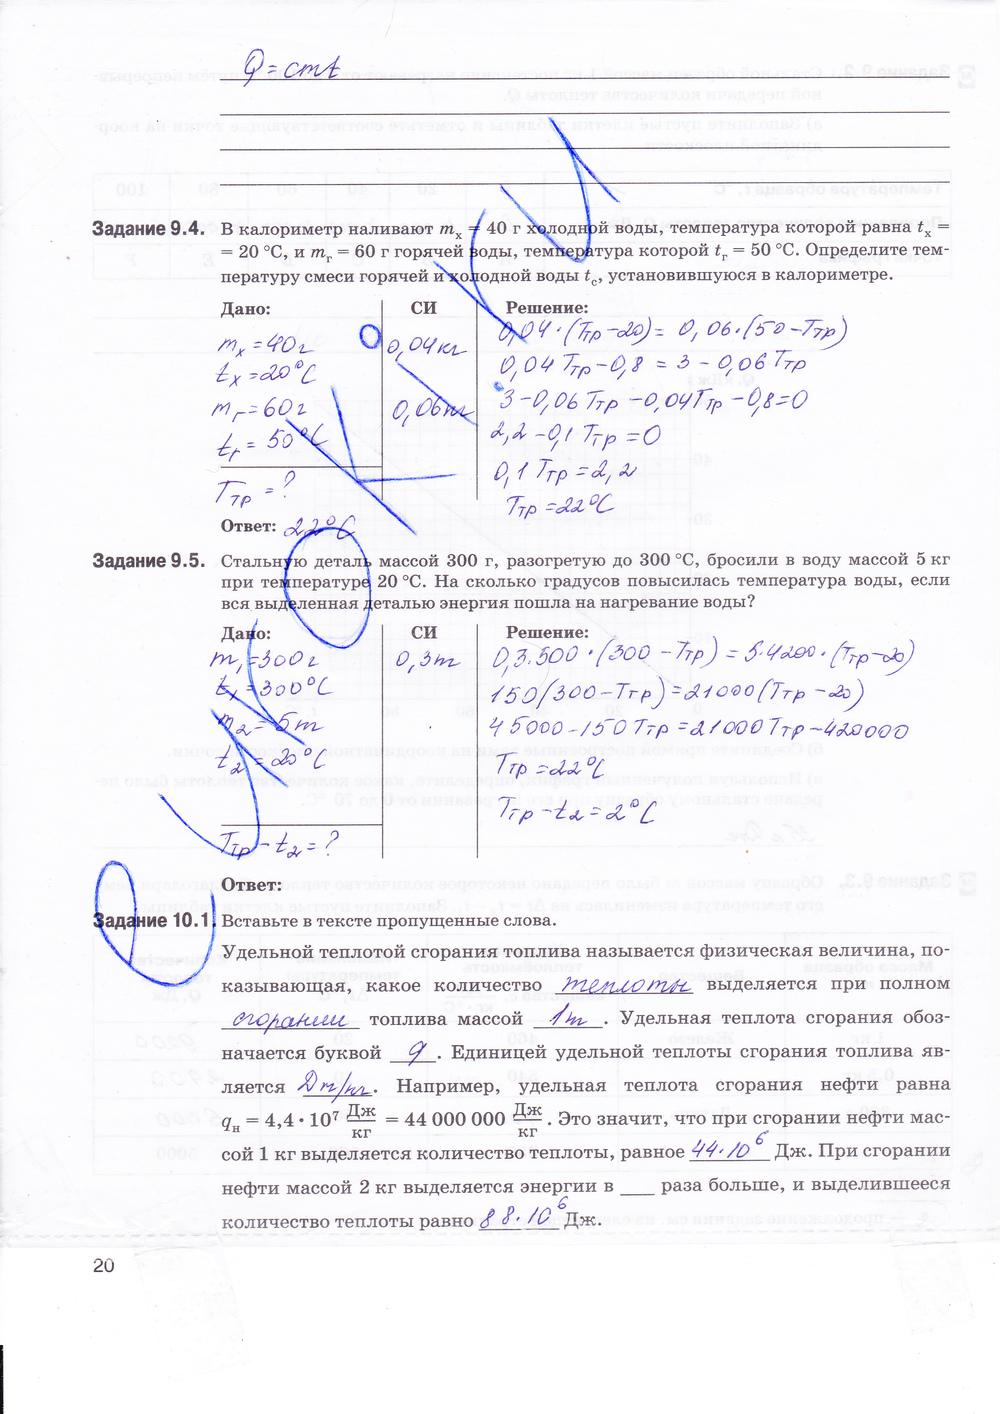 Гдз по рабочей тетради по физике 7-9 класс